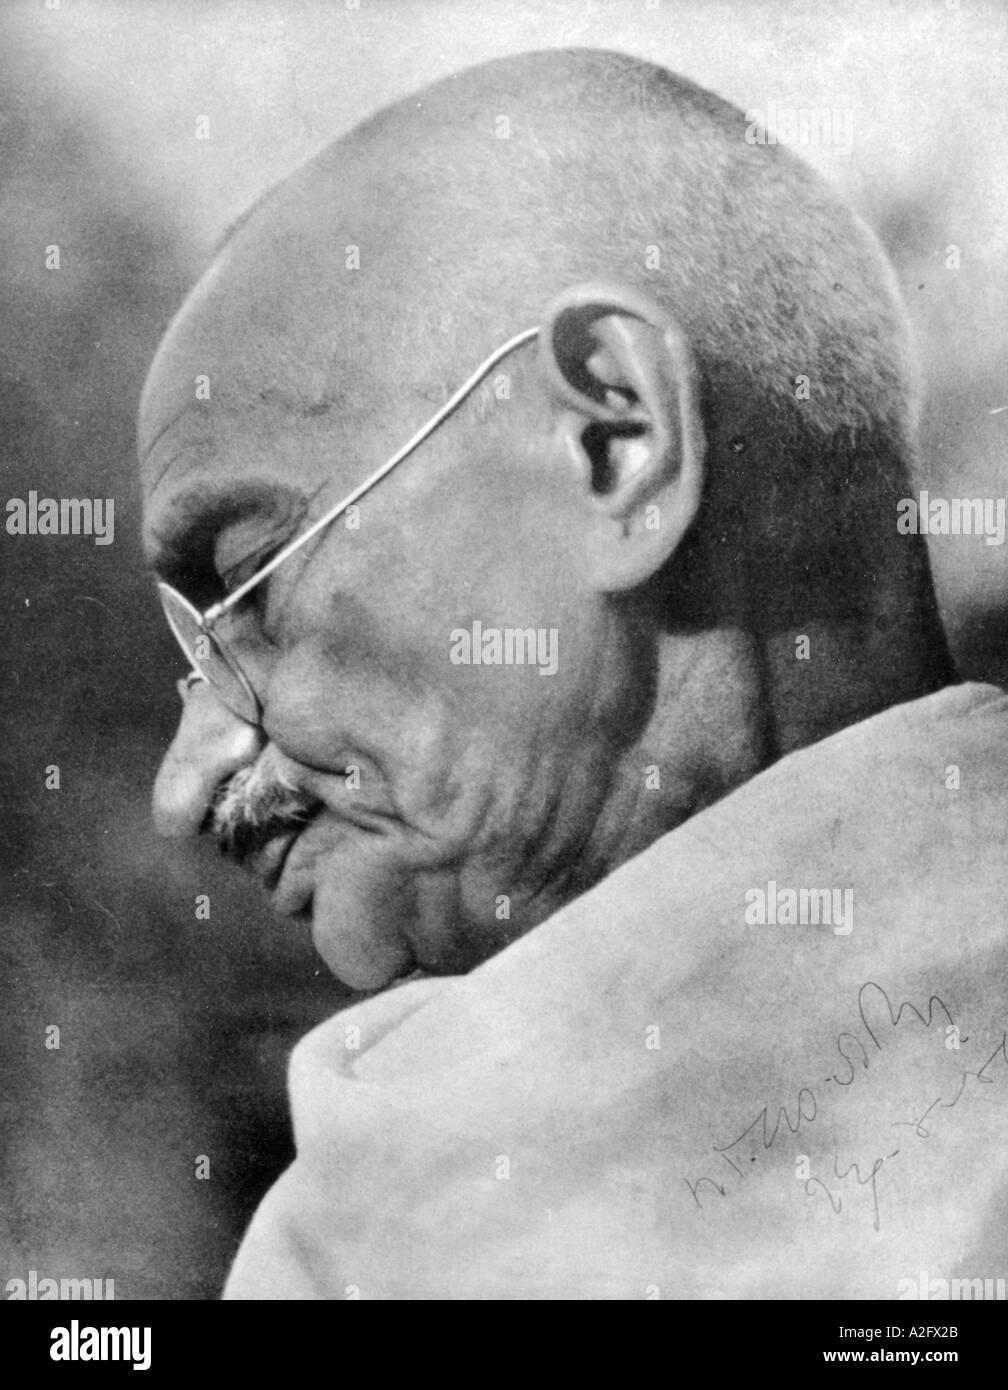 Il Mahatma Gandhi durante un incontro di preghiera a Mumbai Bombay Maharashtra India - Settembre 1944 Immagini Stock